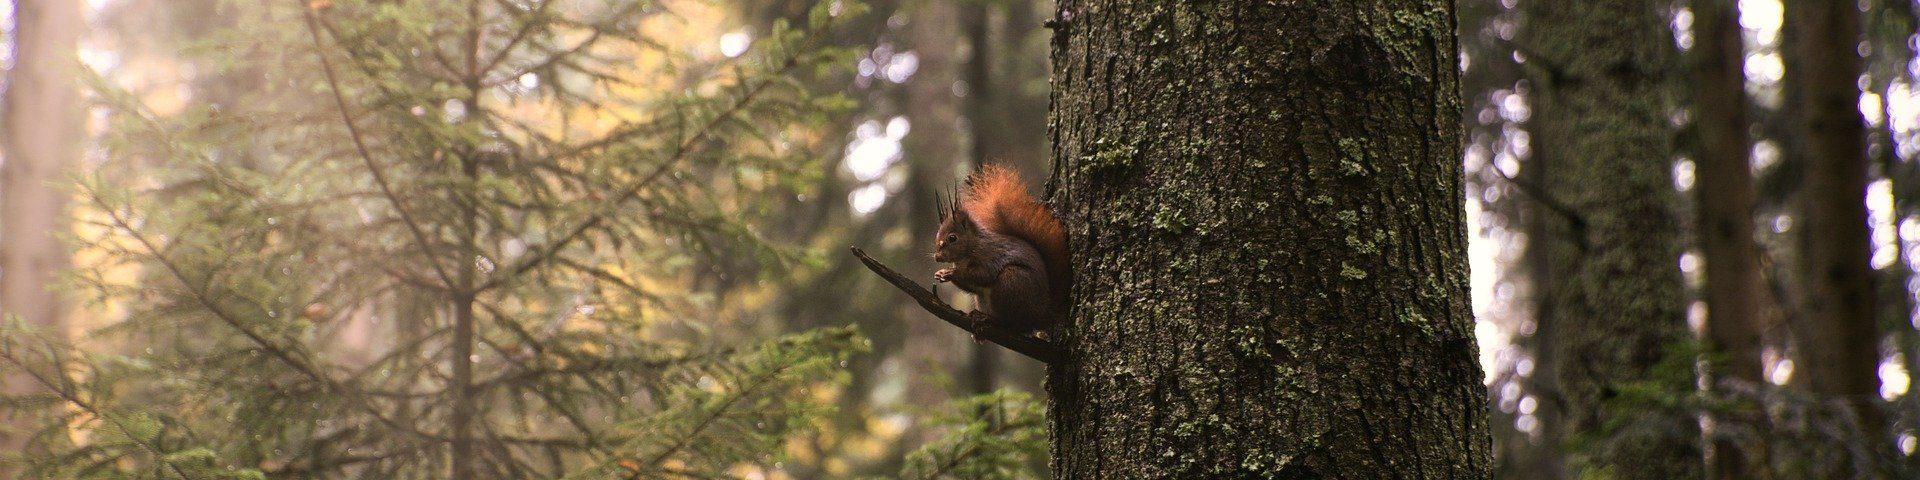 Pixabay, Schwarzwaldandi, Squirrel